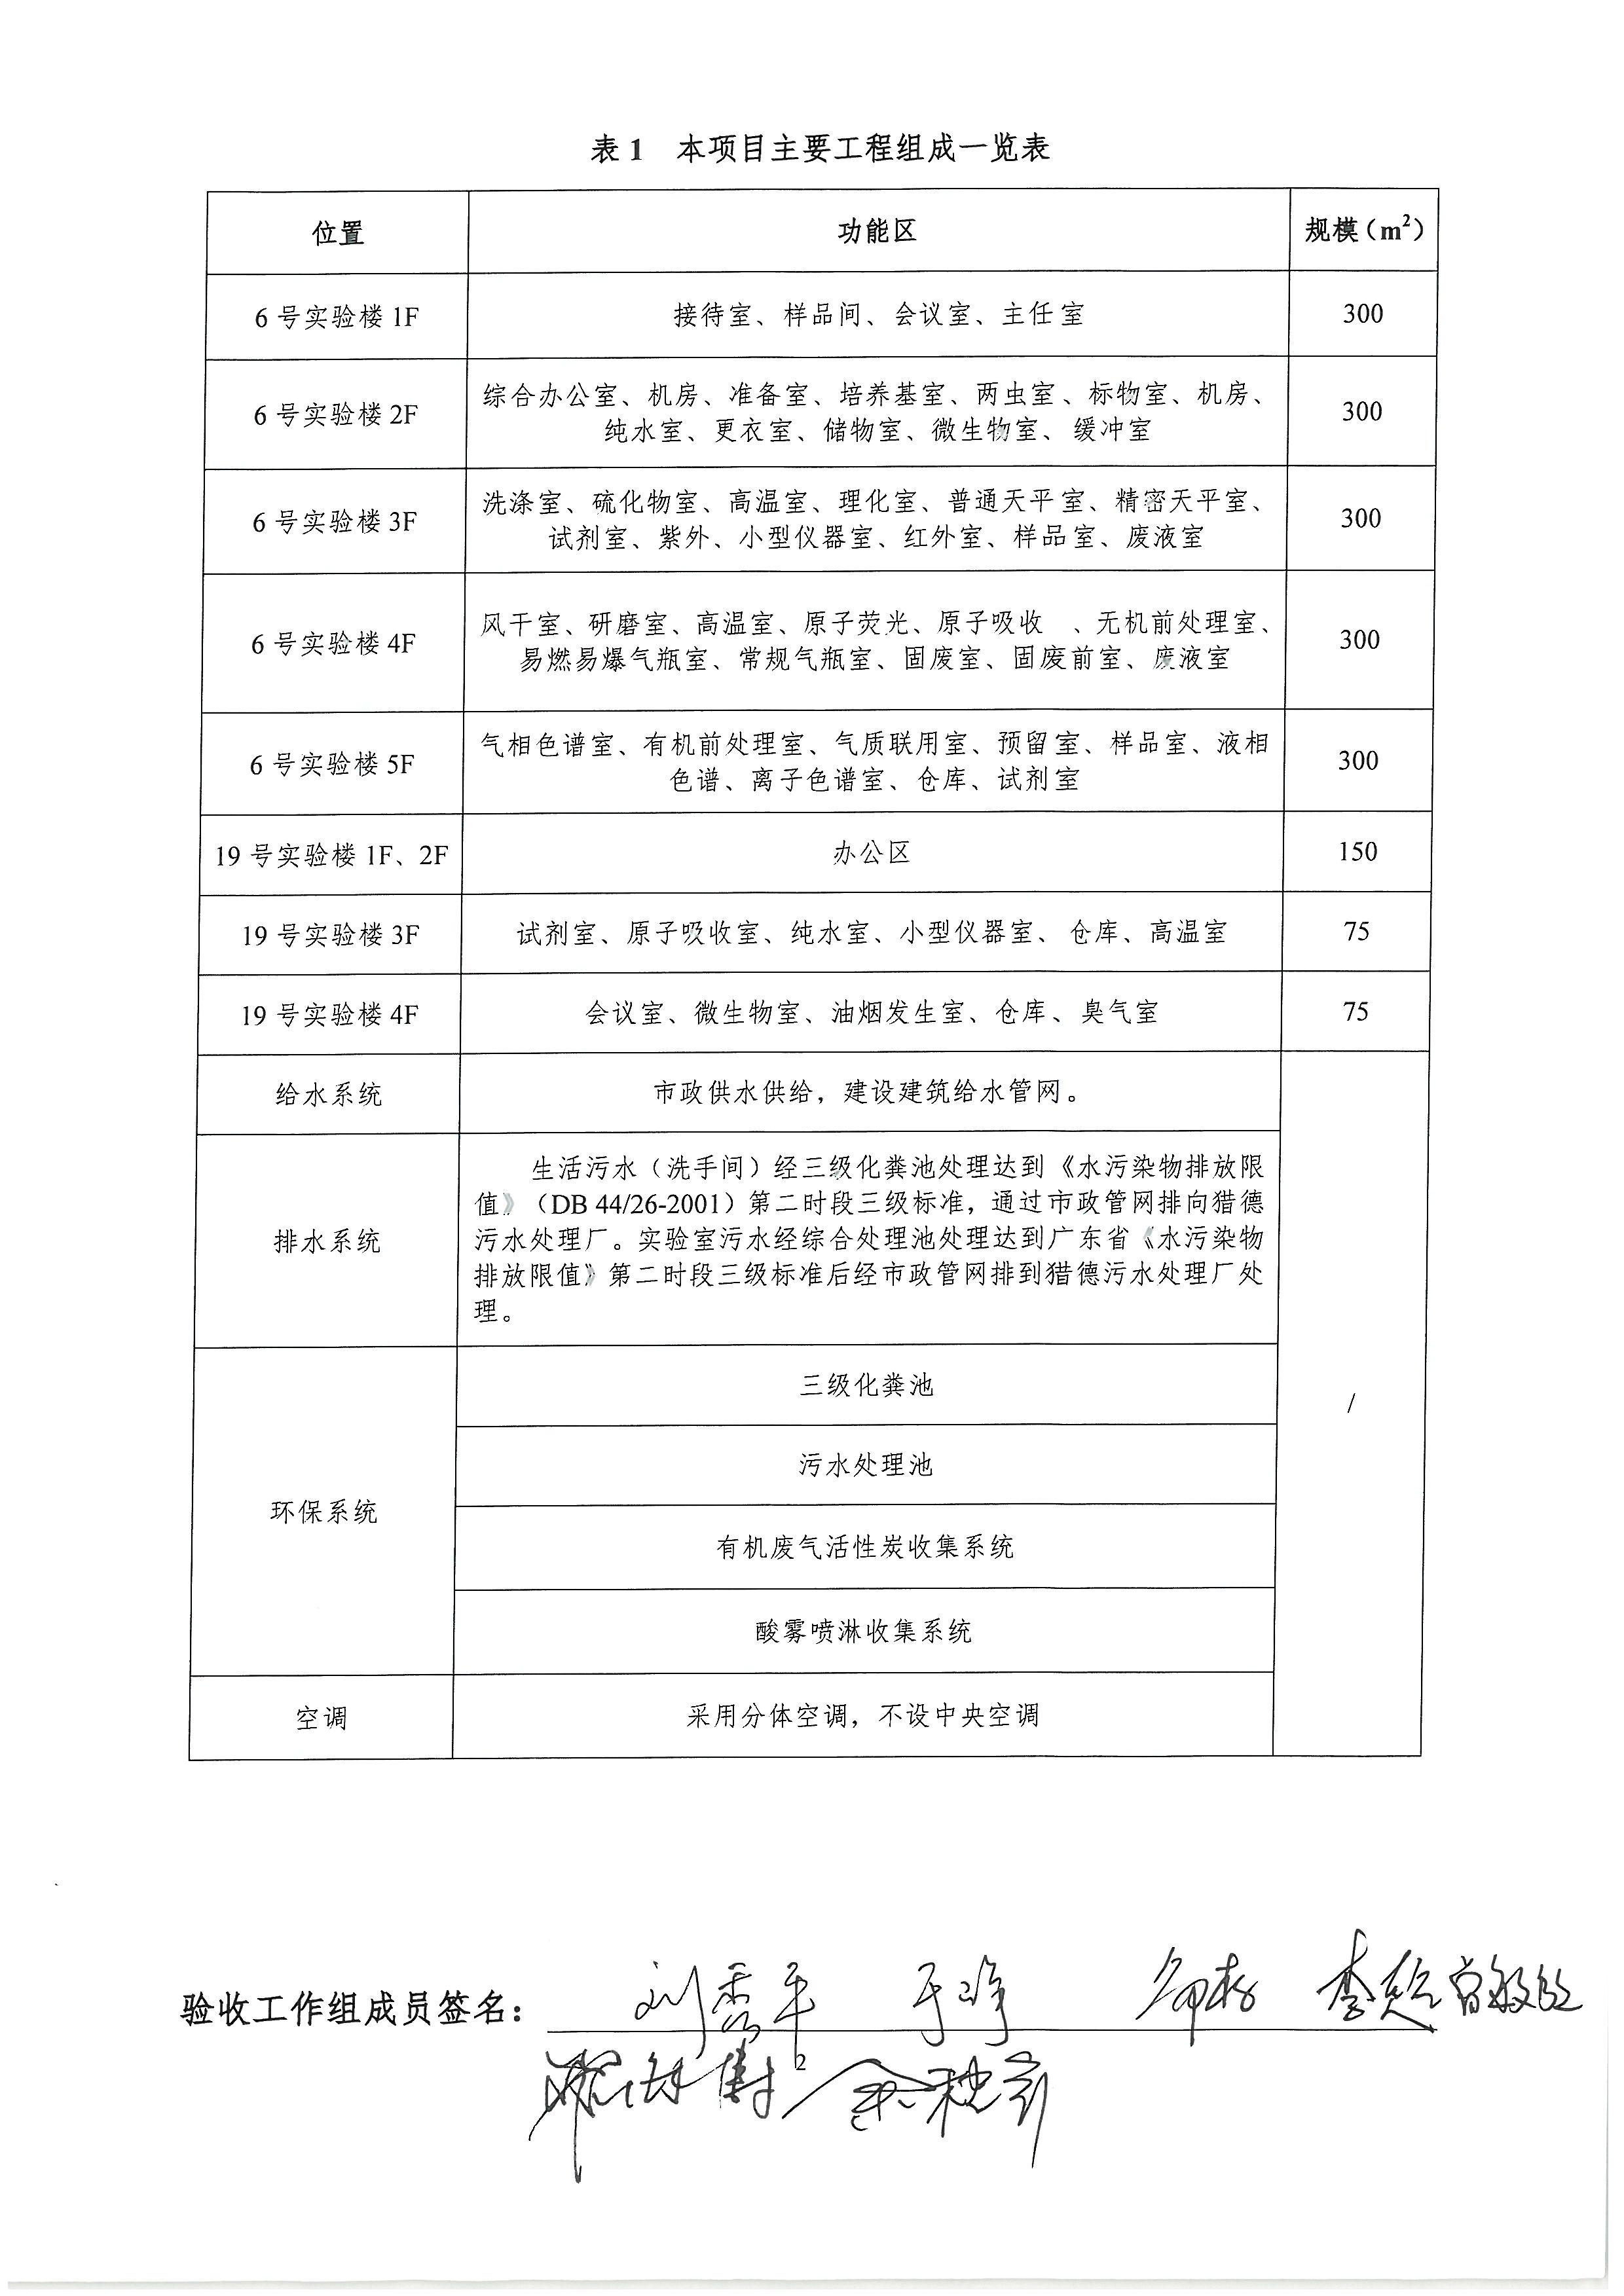 广东建研环境监测有限公司建设项目环境保护设施验收工作组意见_页面_2